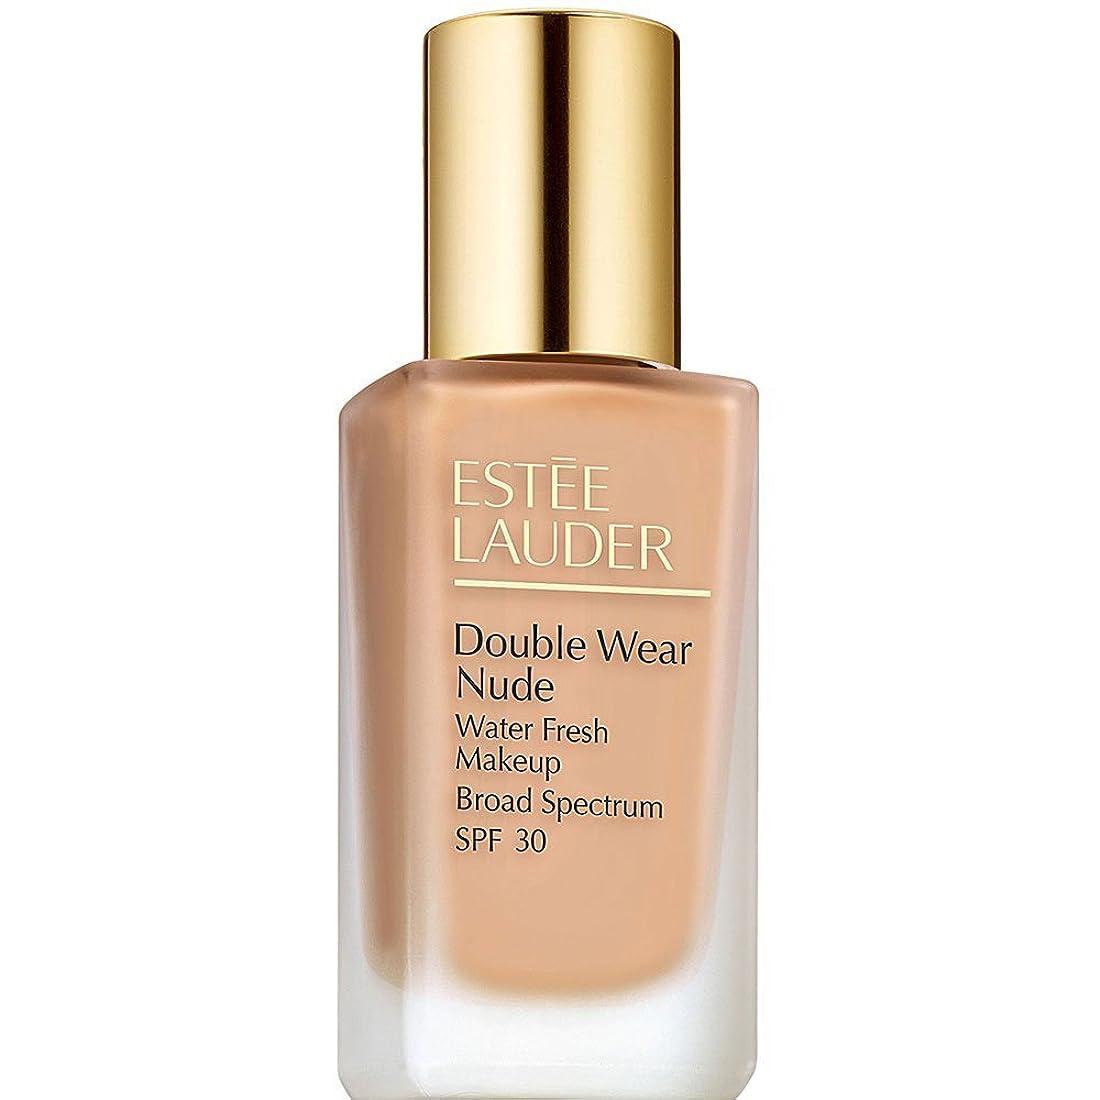 かわいらしいメトロポリタンお客様エスティローダー Double Wear Nude Water Fresh Makeup SPF 30 - # 1N2 Ecru 30ml/1oz並行輸入品